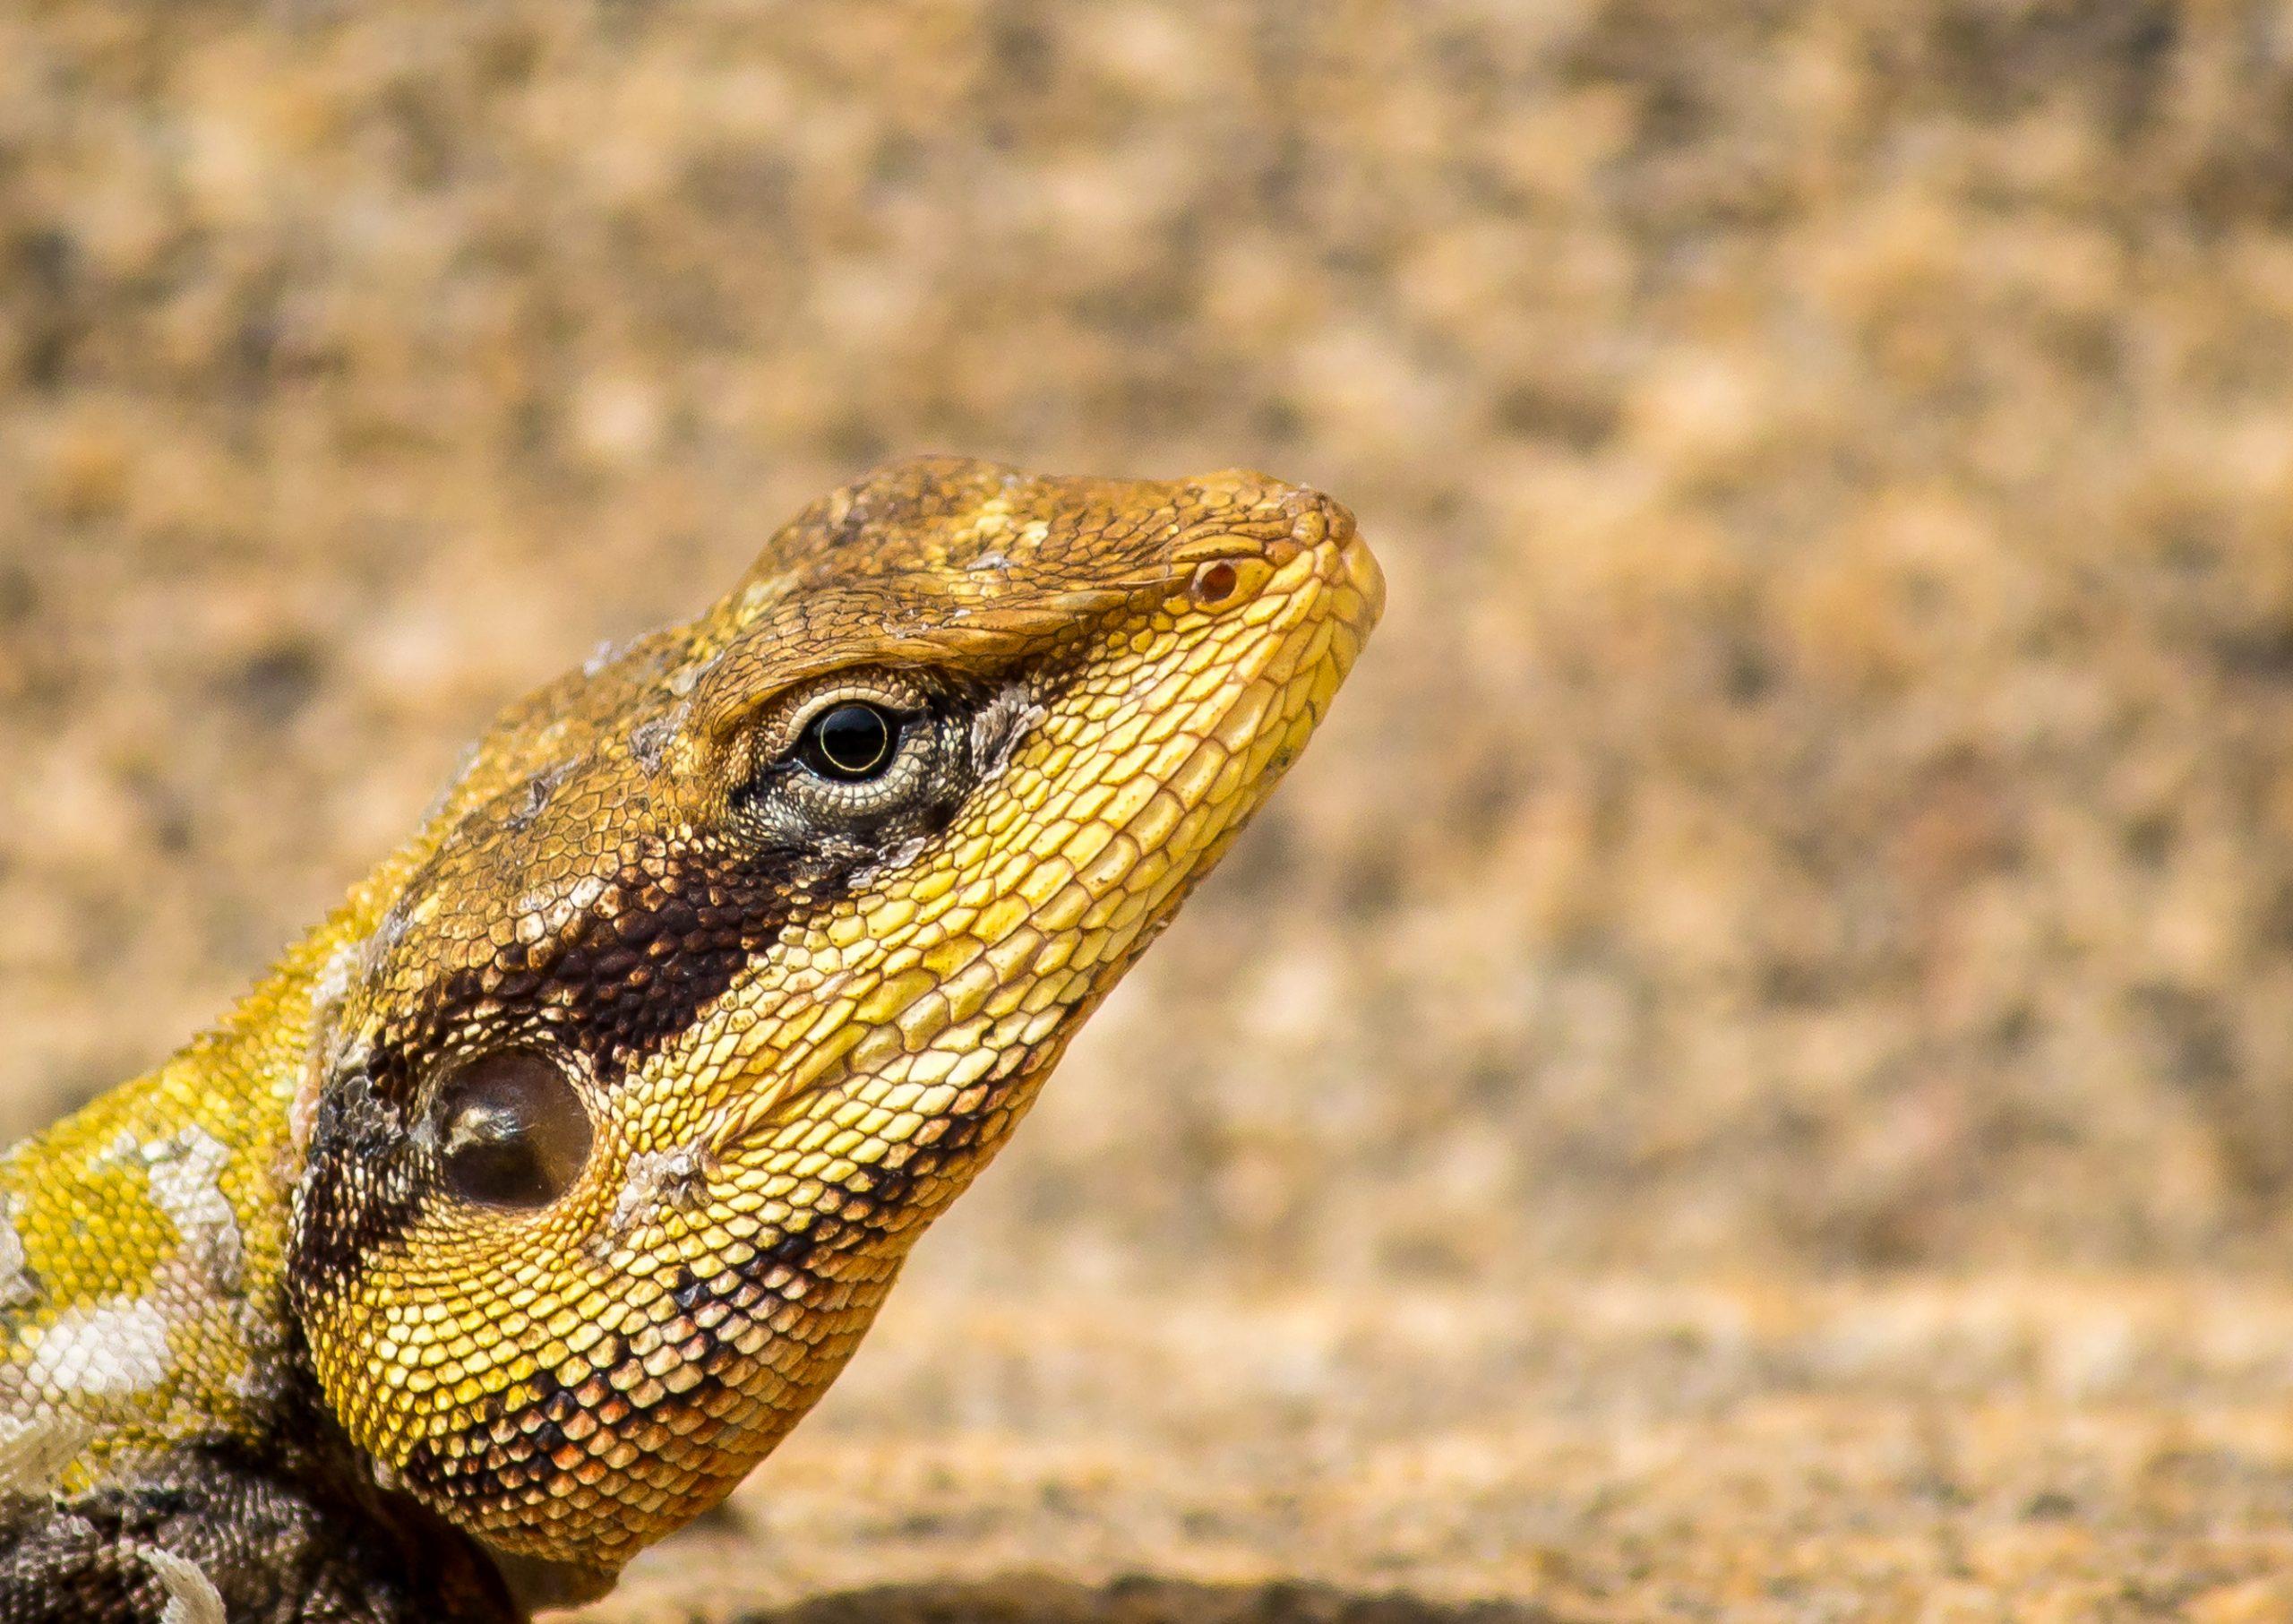 Head of a garden lizard